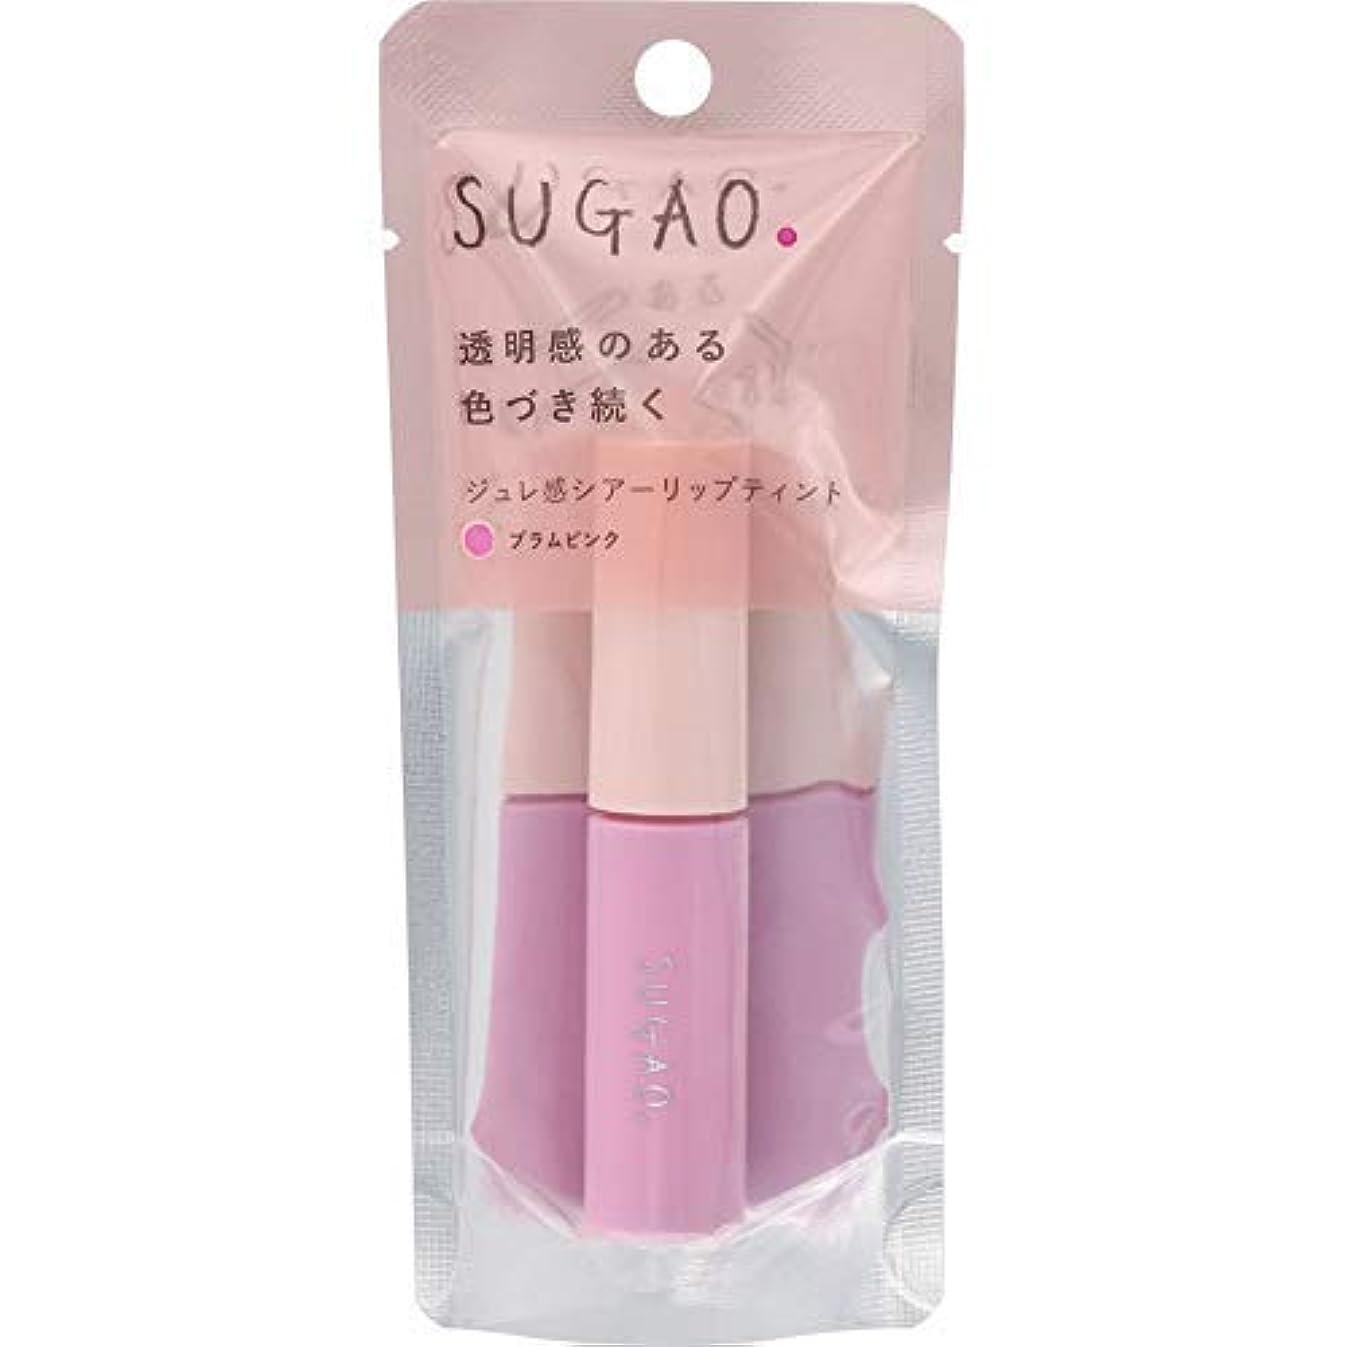 電気バリケードゴールデンSUGAO ジュレ感シアーリップティント プラムピンク × 12個セット